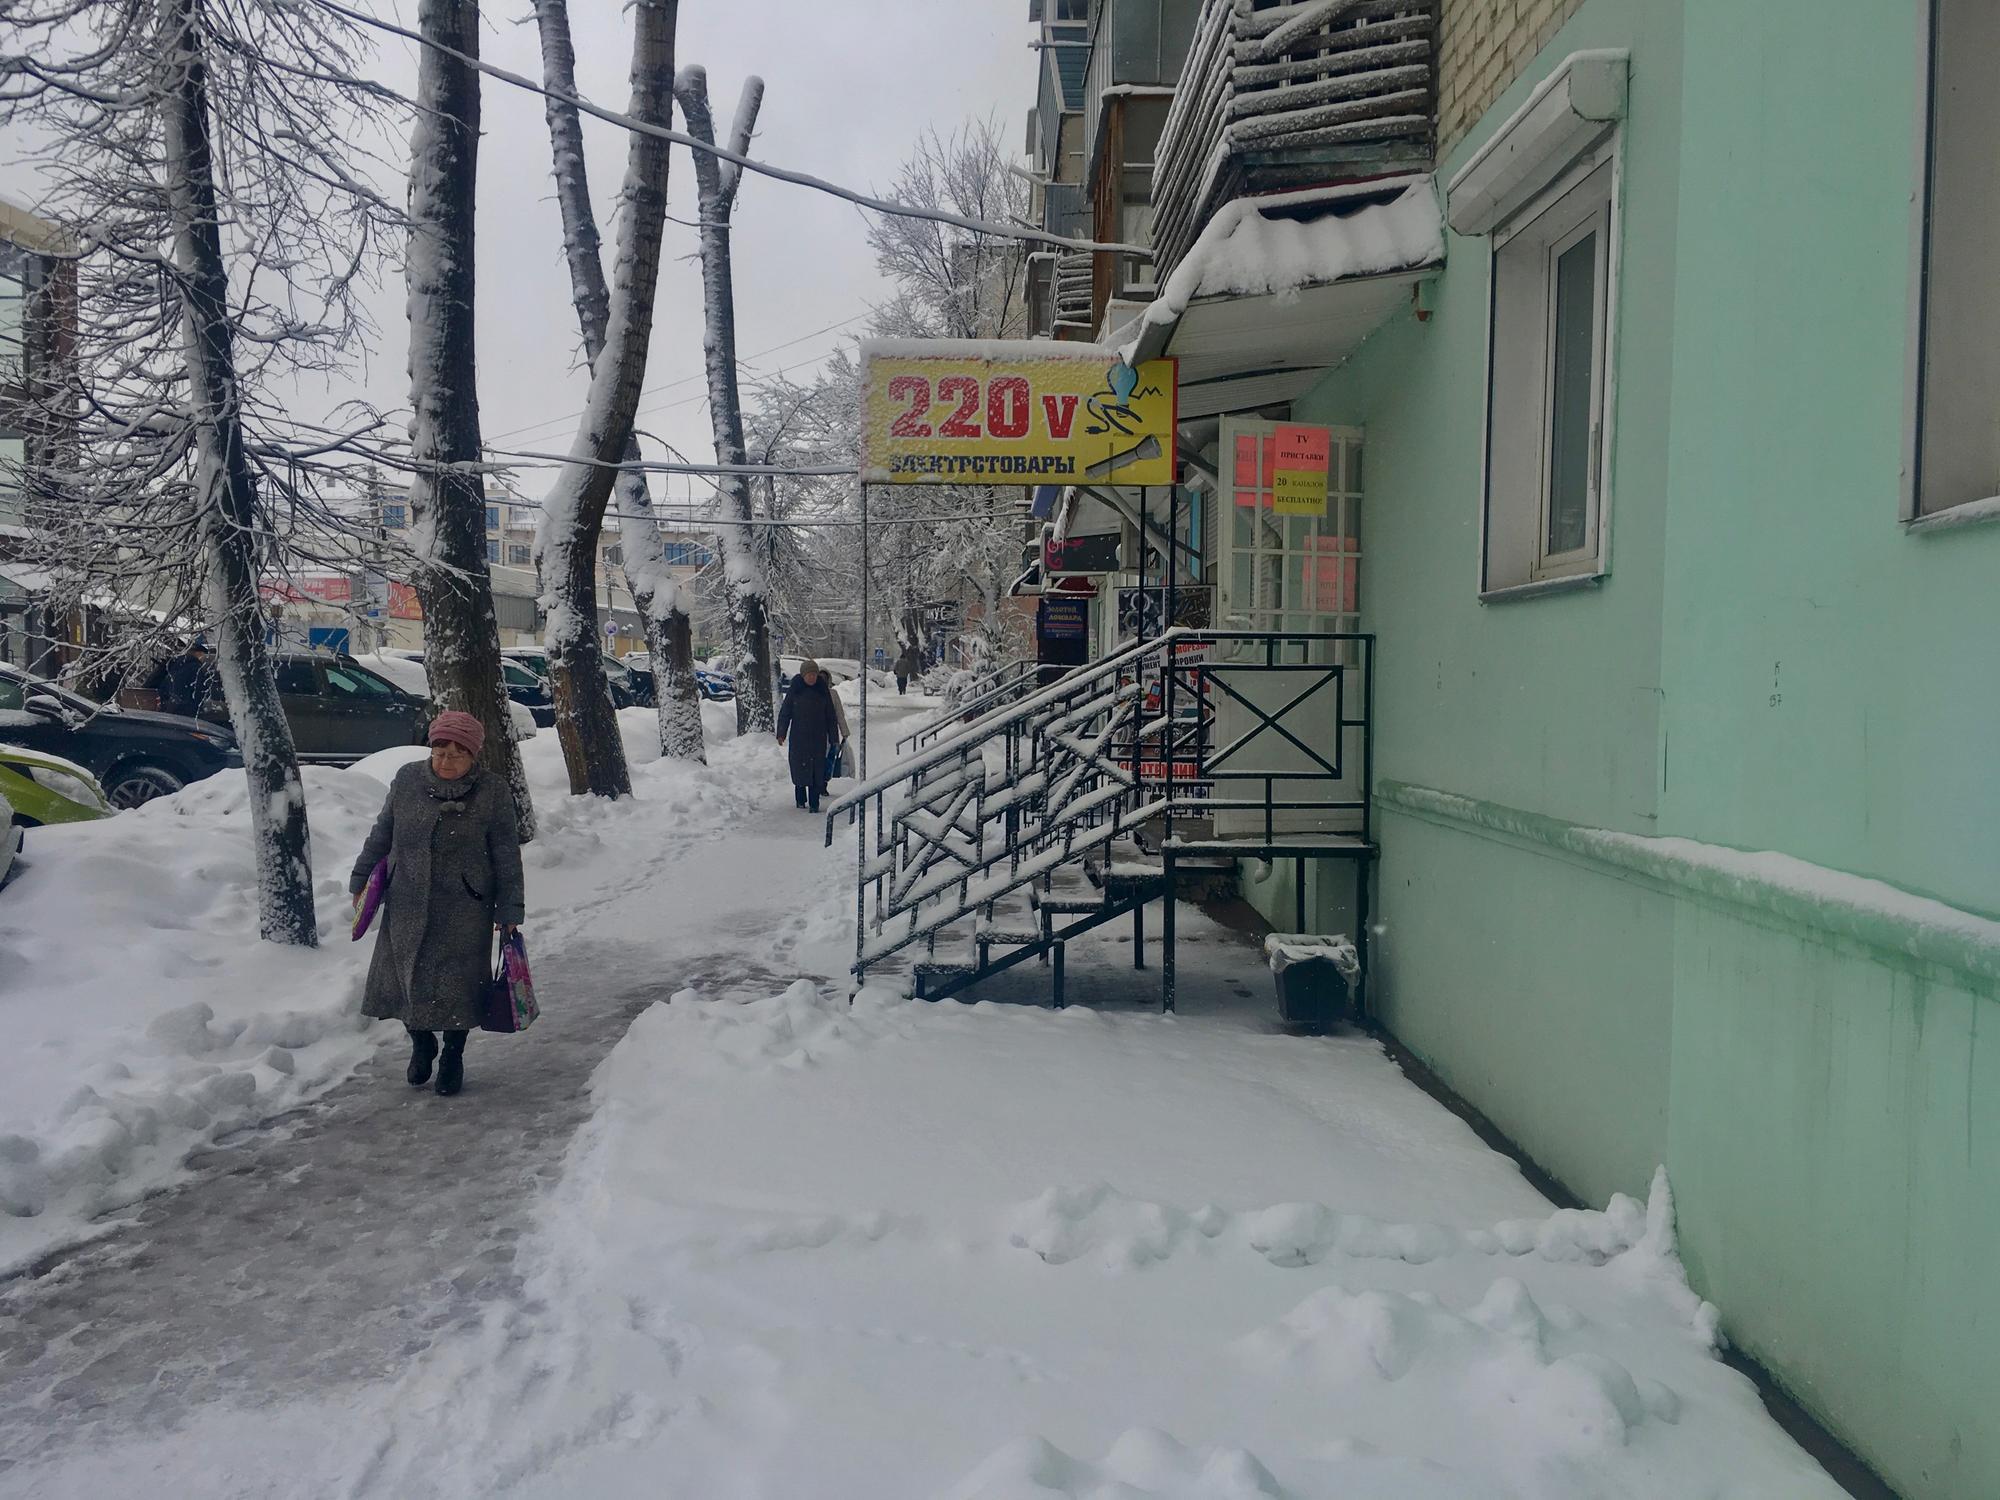 🇷🇺 Калуга, Россия, февраль 2018.